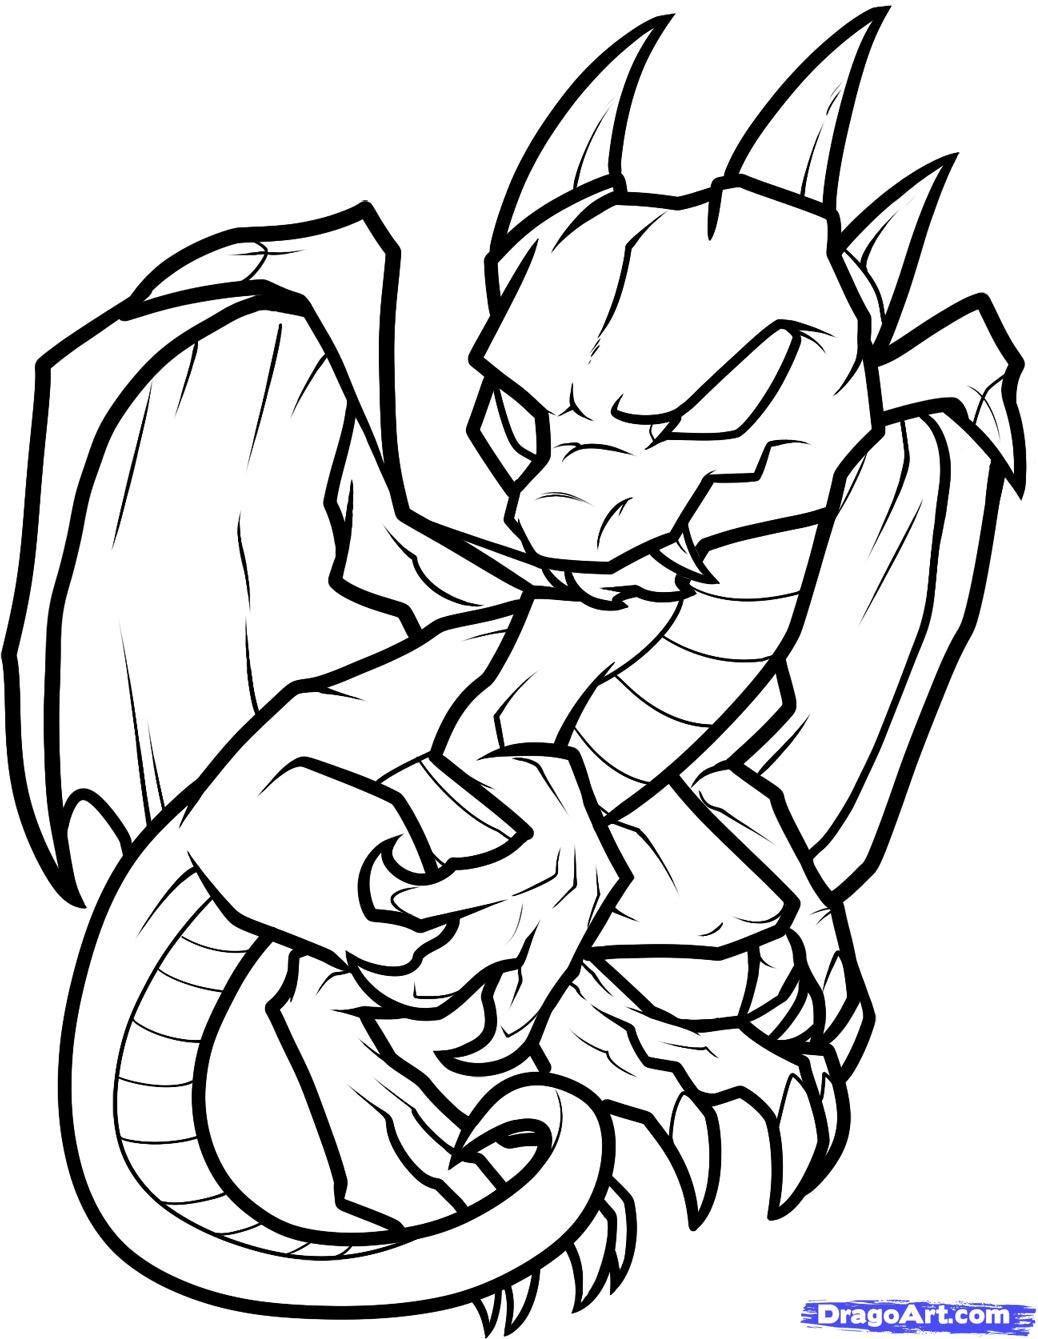 Bearded Dragon Coloring Page Youngandtae Com Dragon Dibujo Facil Dragones Para Colorear Dibujos De Dragon